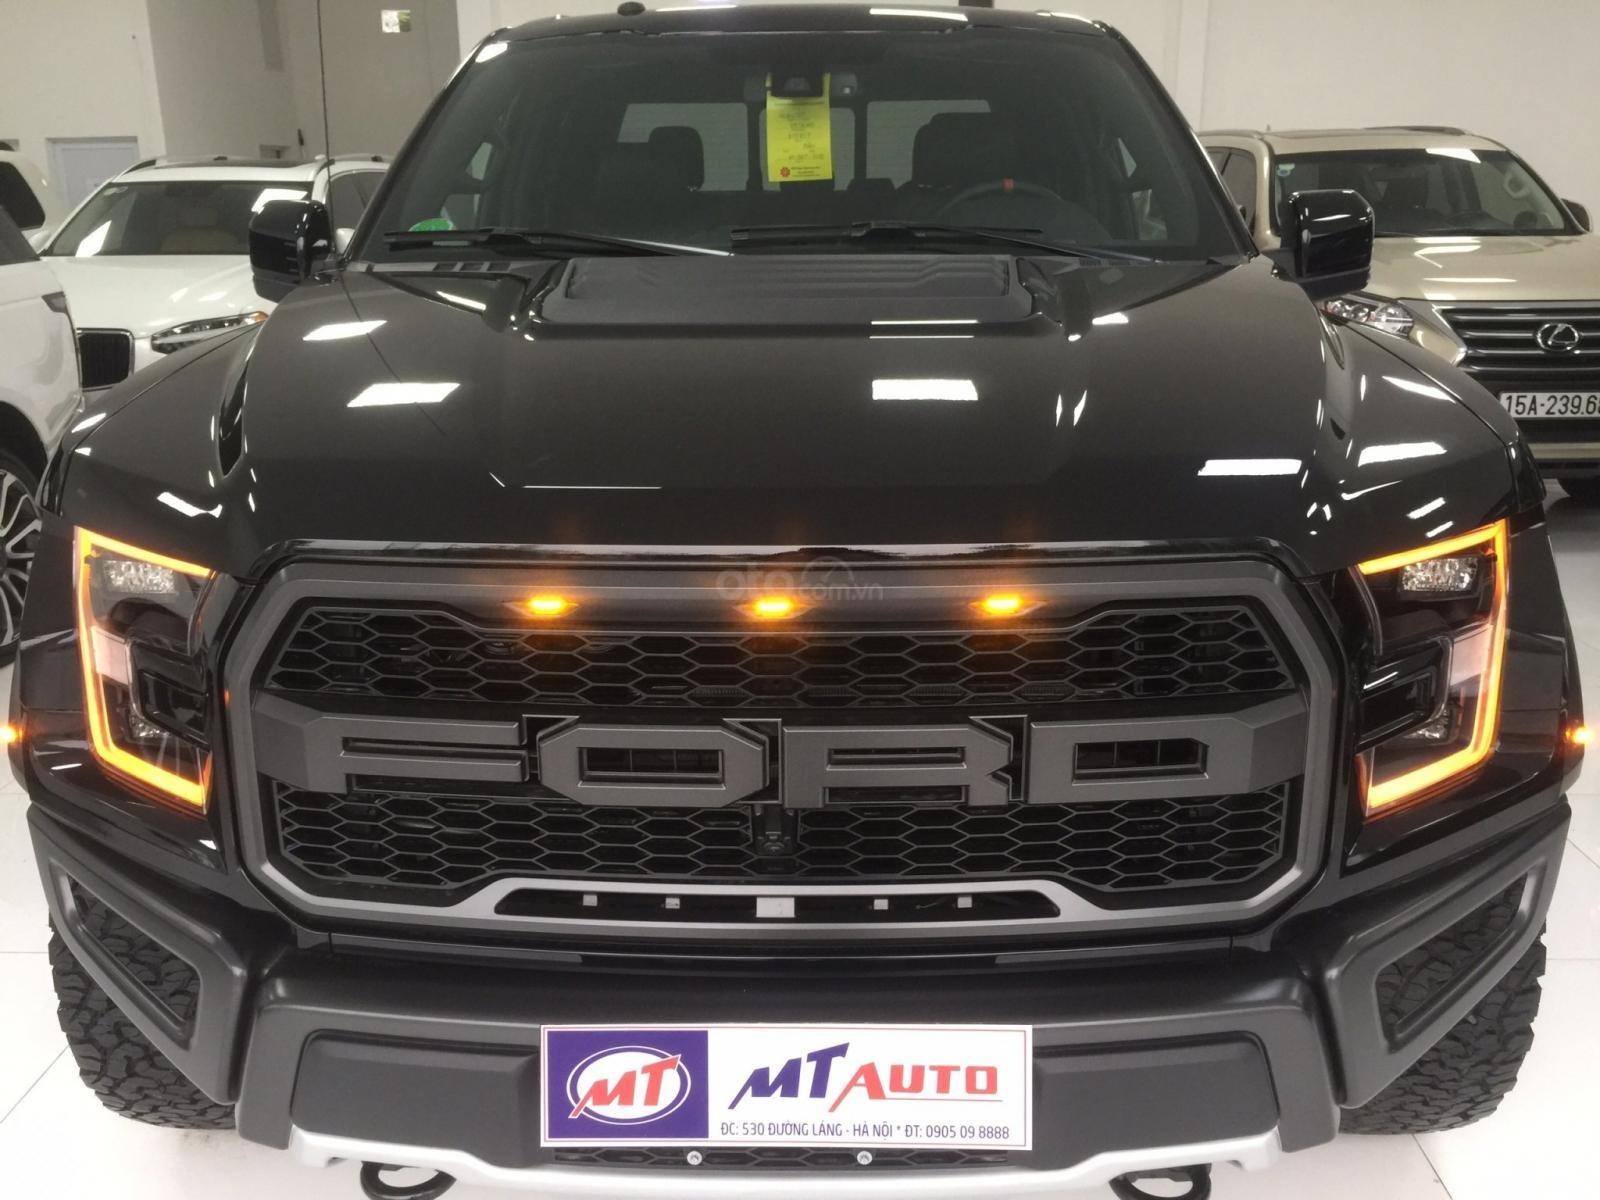 Bán siêu bán tải Ford F150 Raptor 2020, LH Ms Hương giá tốt giao ngay toàn quốc (3)